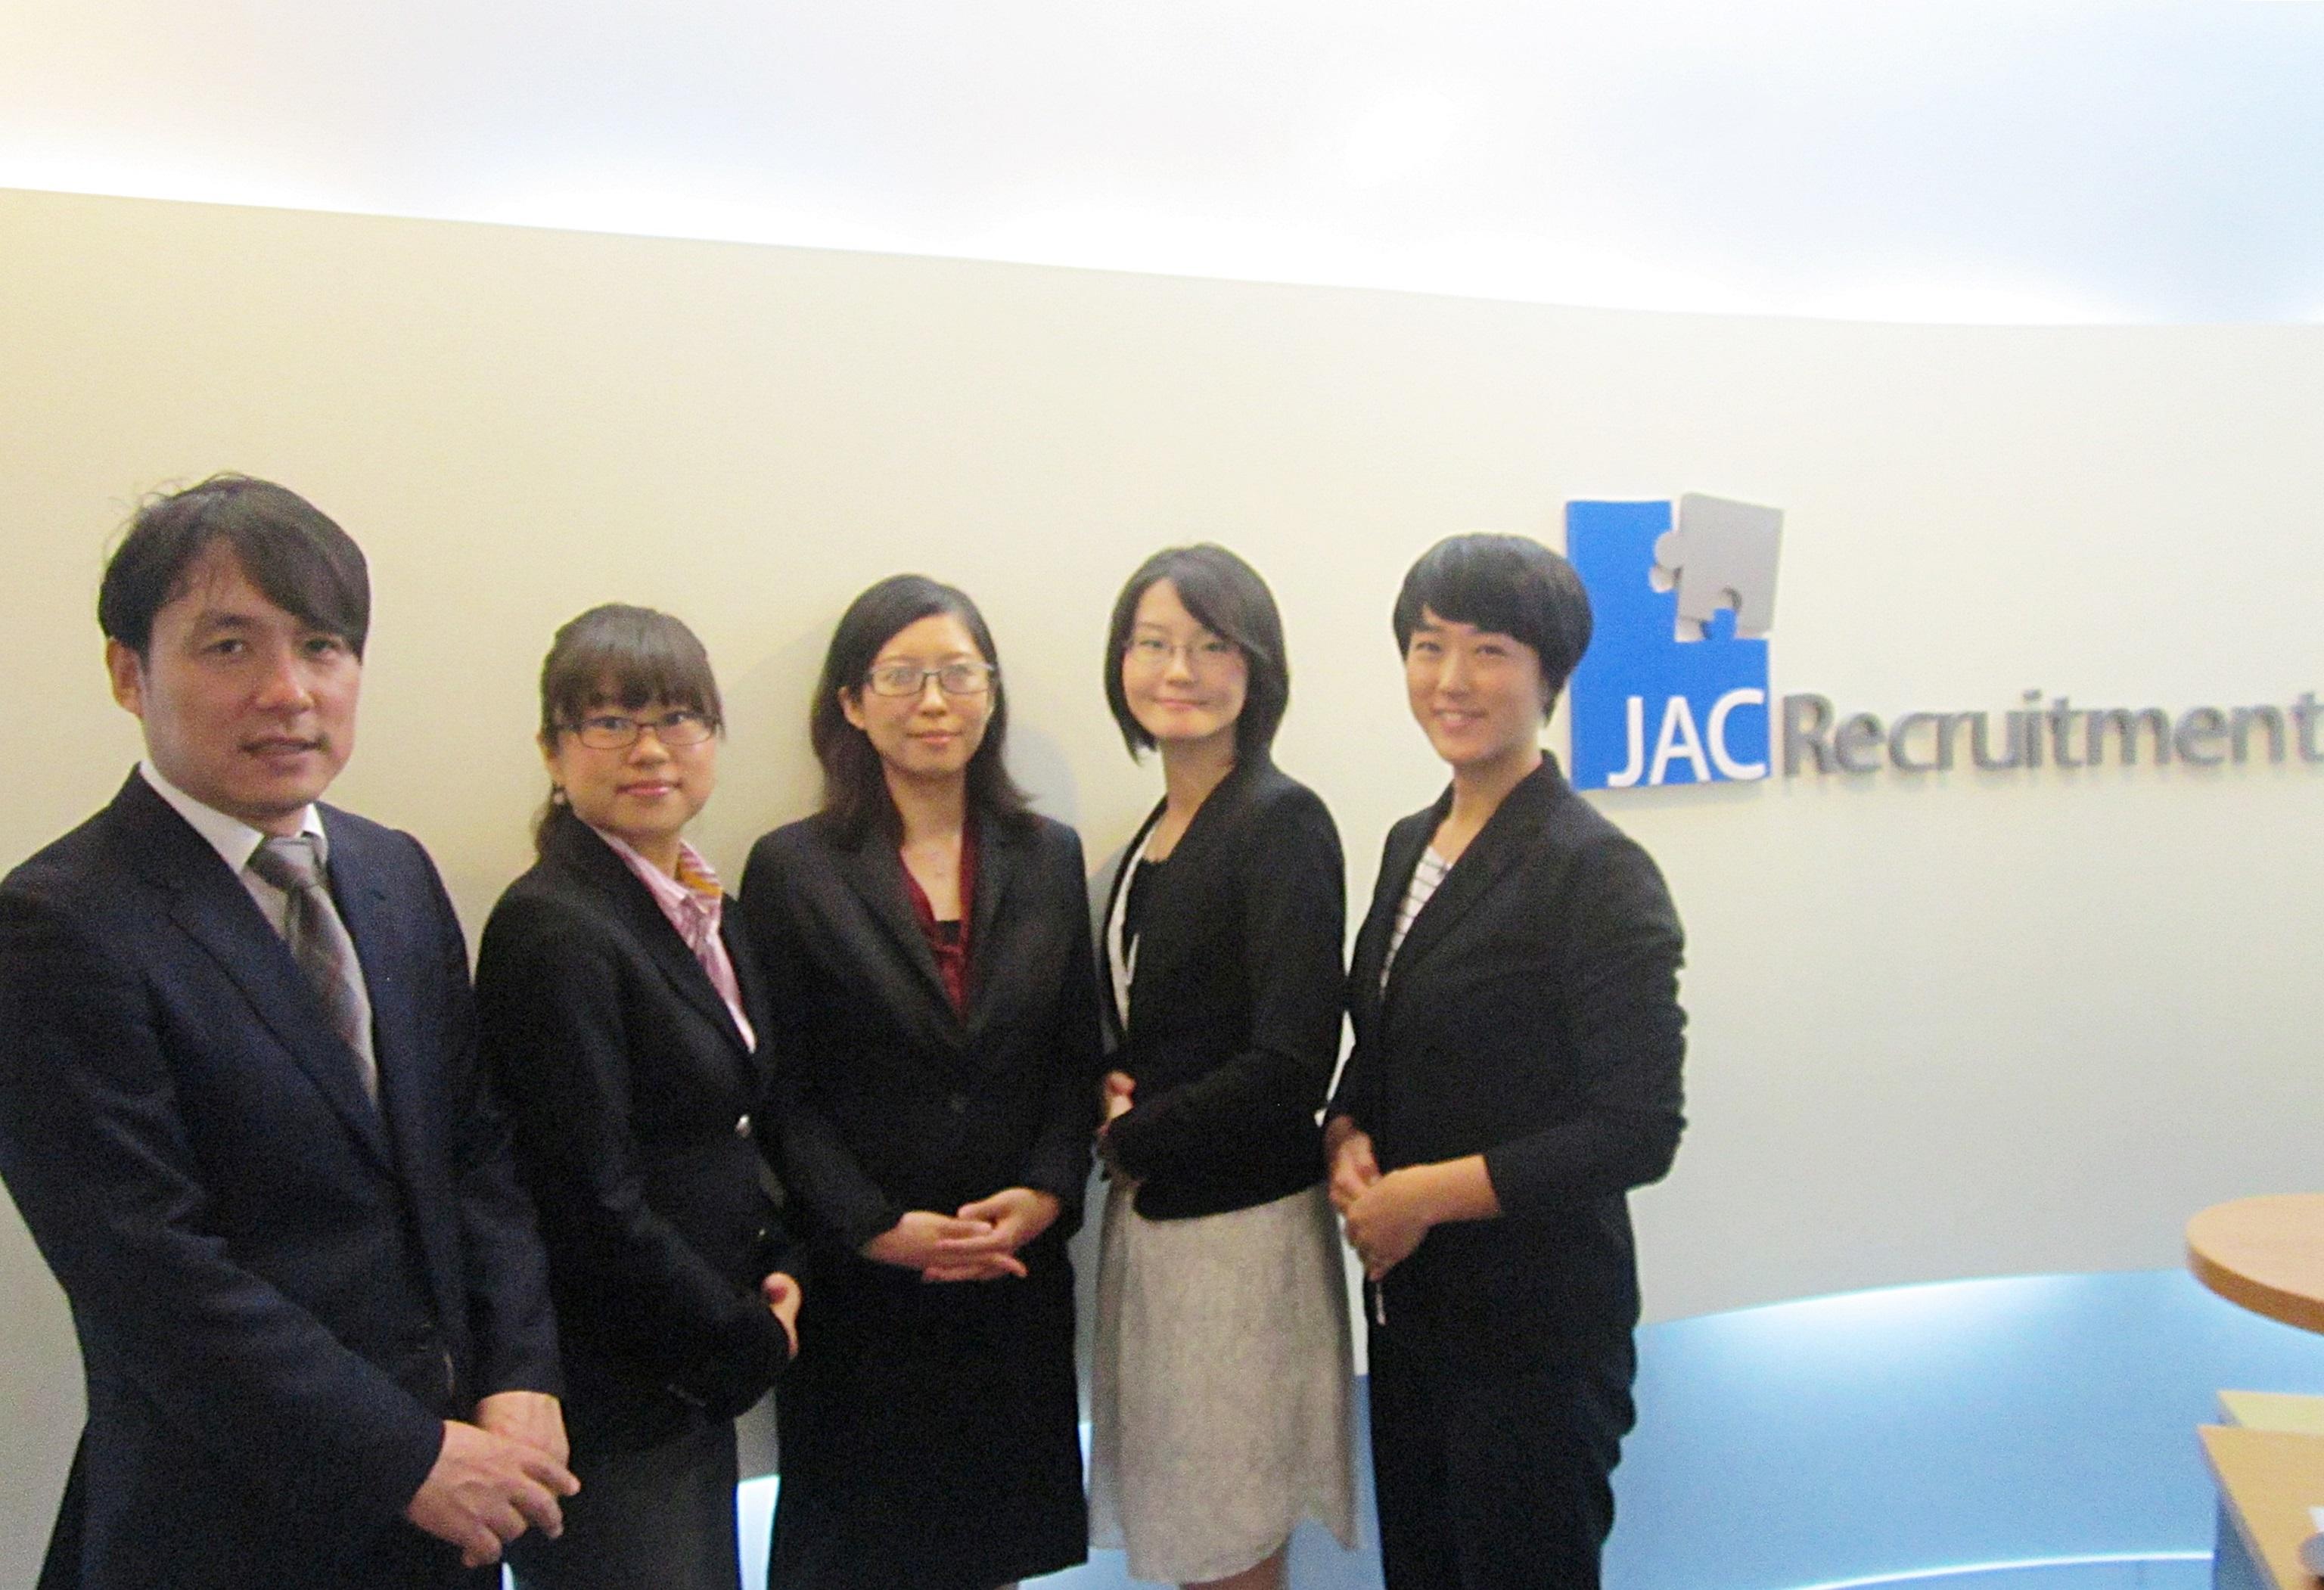 タイの転職エージェント JAC Recruitment 社員の方々